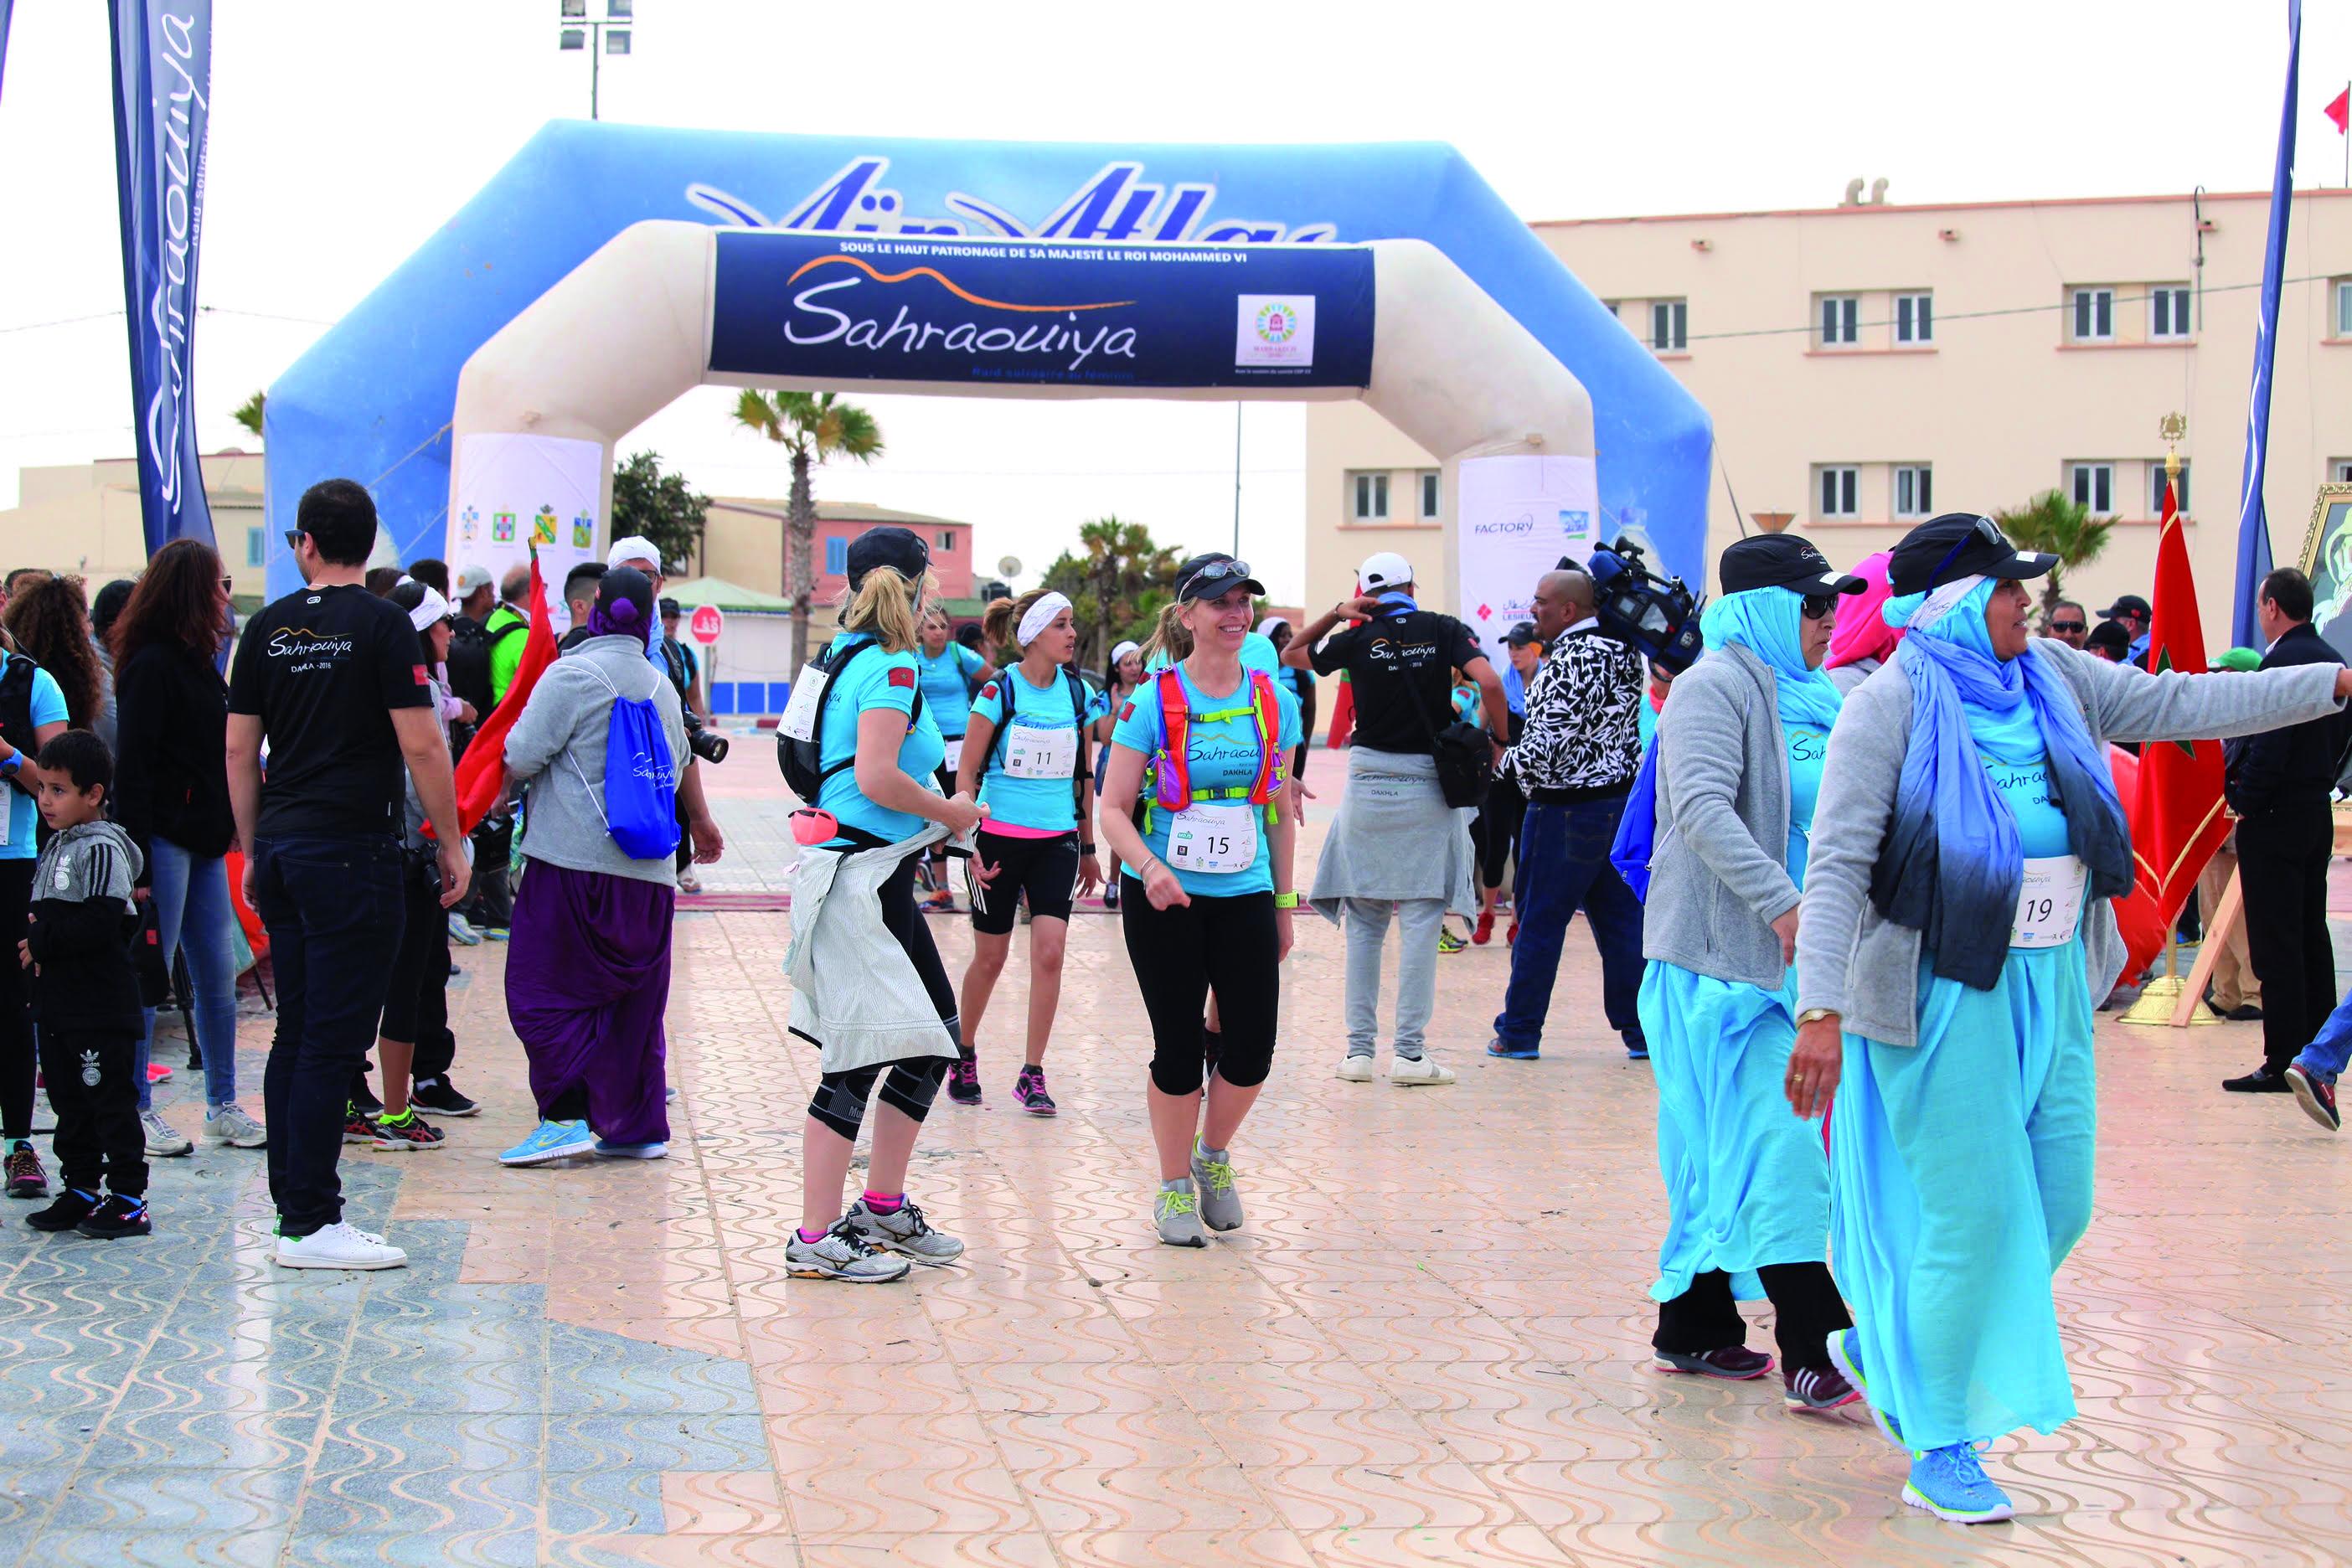 الداخلة تحتضن النسخة الثانية من السباق النسوي «الصحراوية»